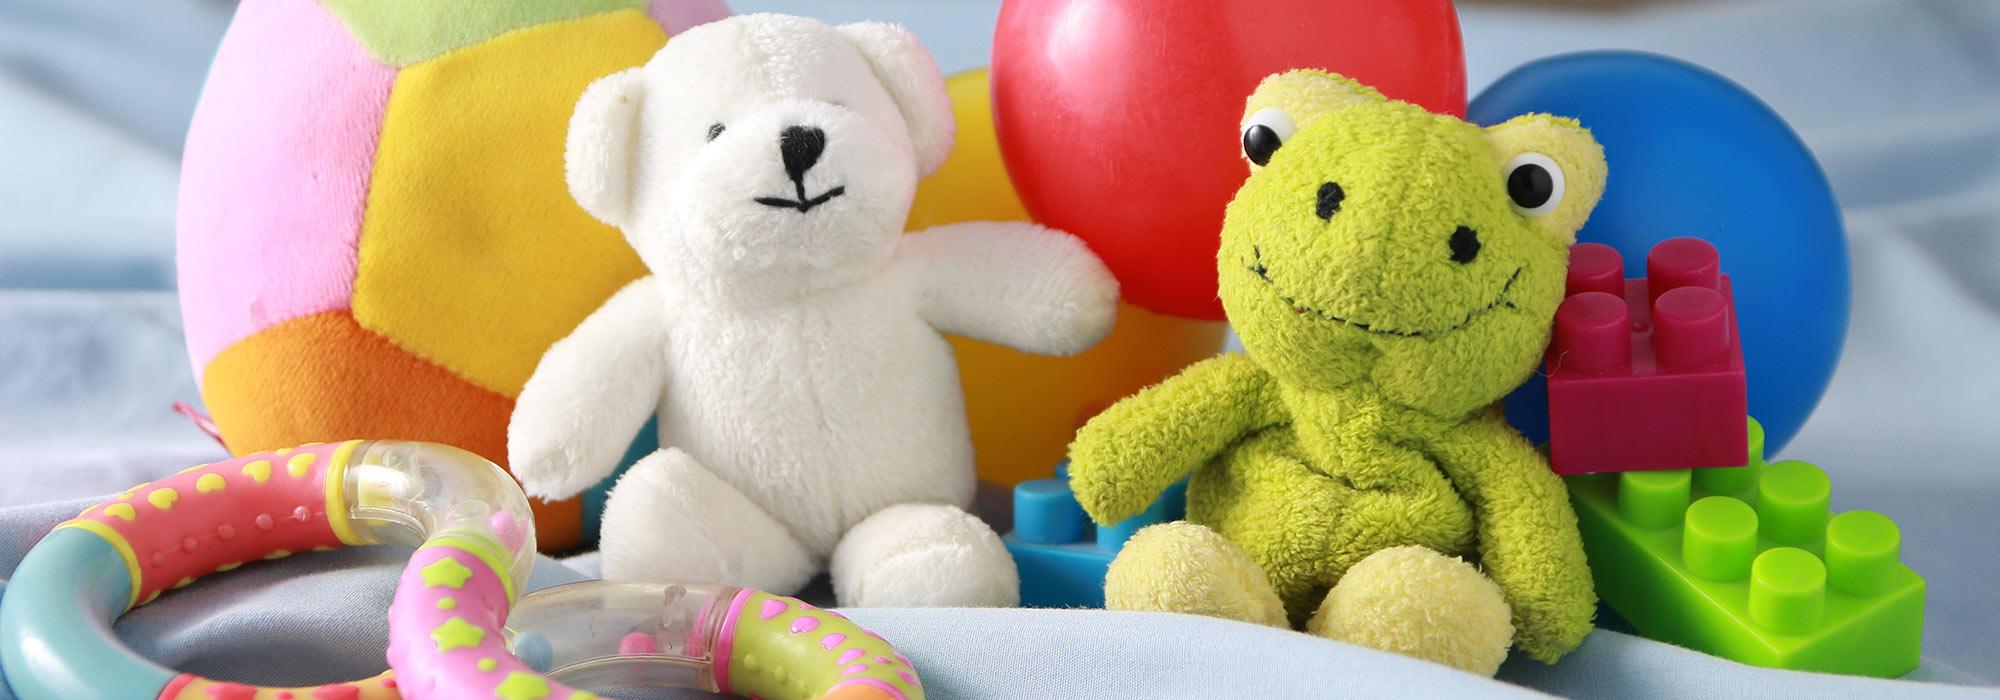 kids-world-babyspielzeug